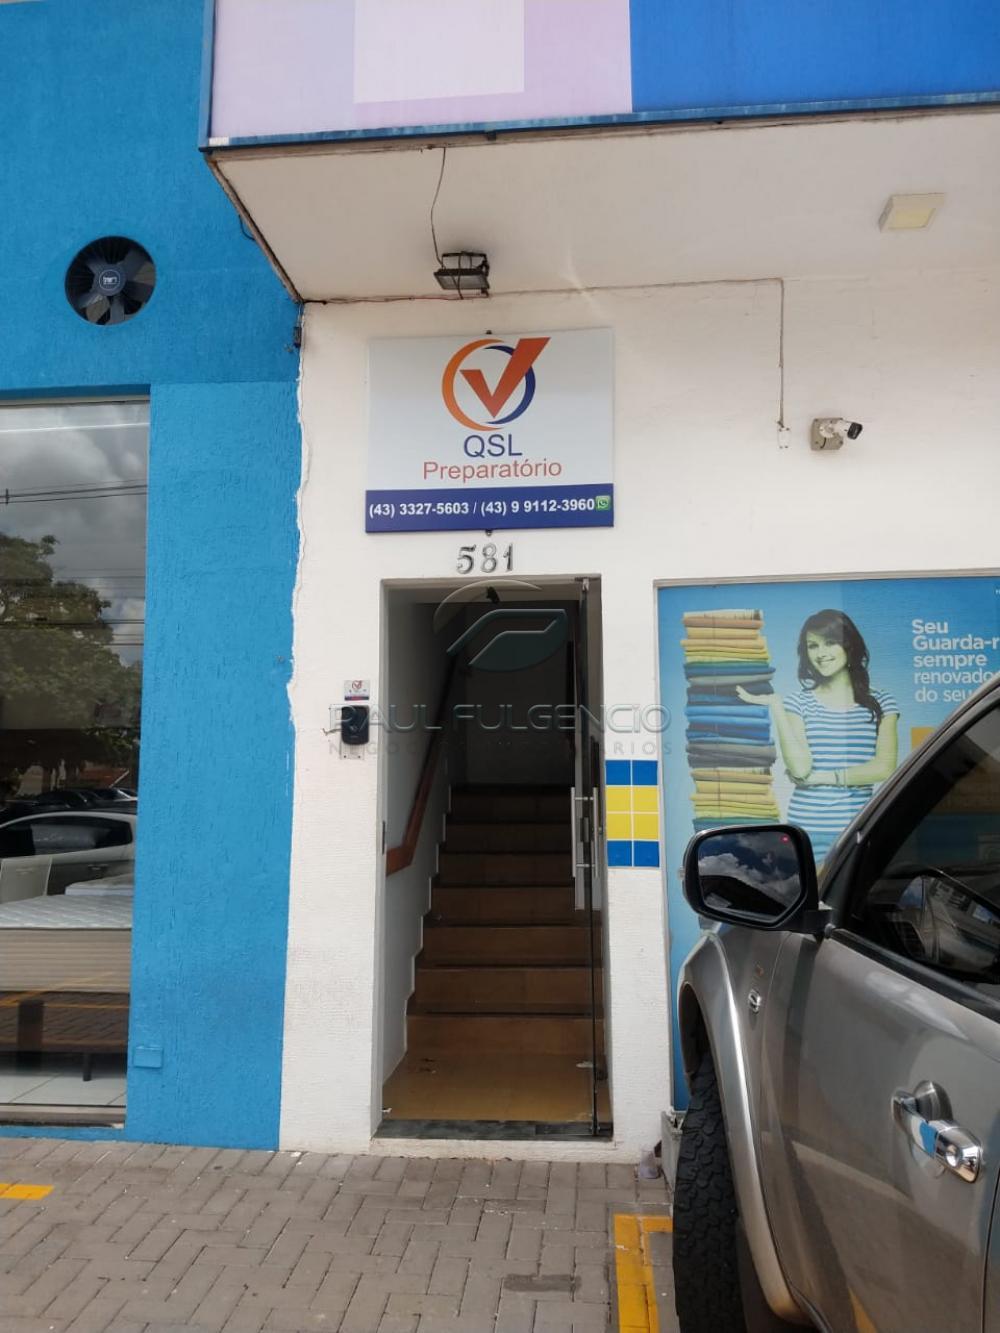 Alugar Comercial / Sobreloja em Londrina apenas R$ 2.200,00 - Foto 6